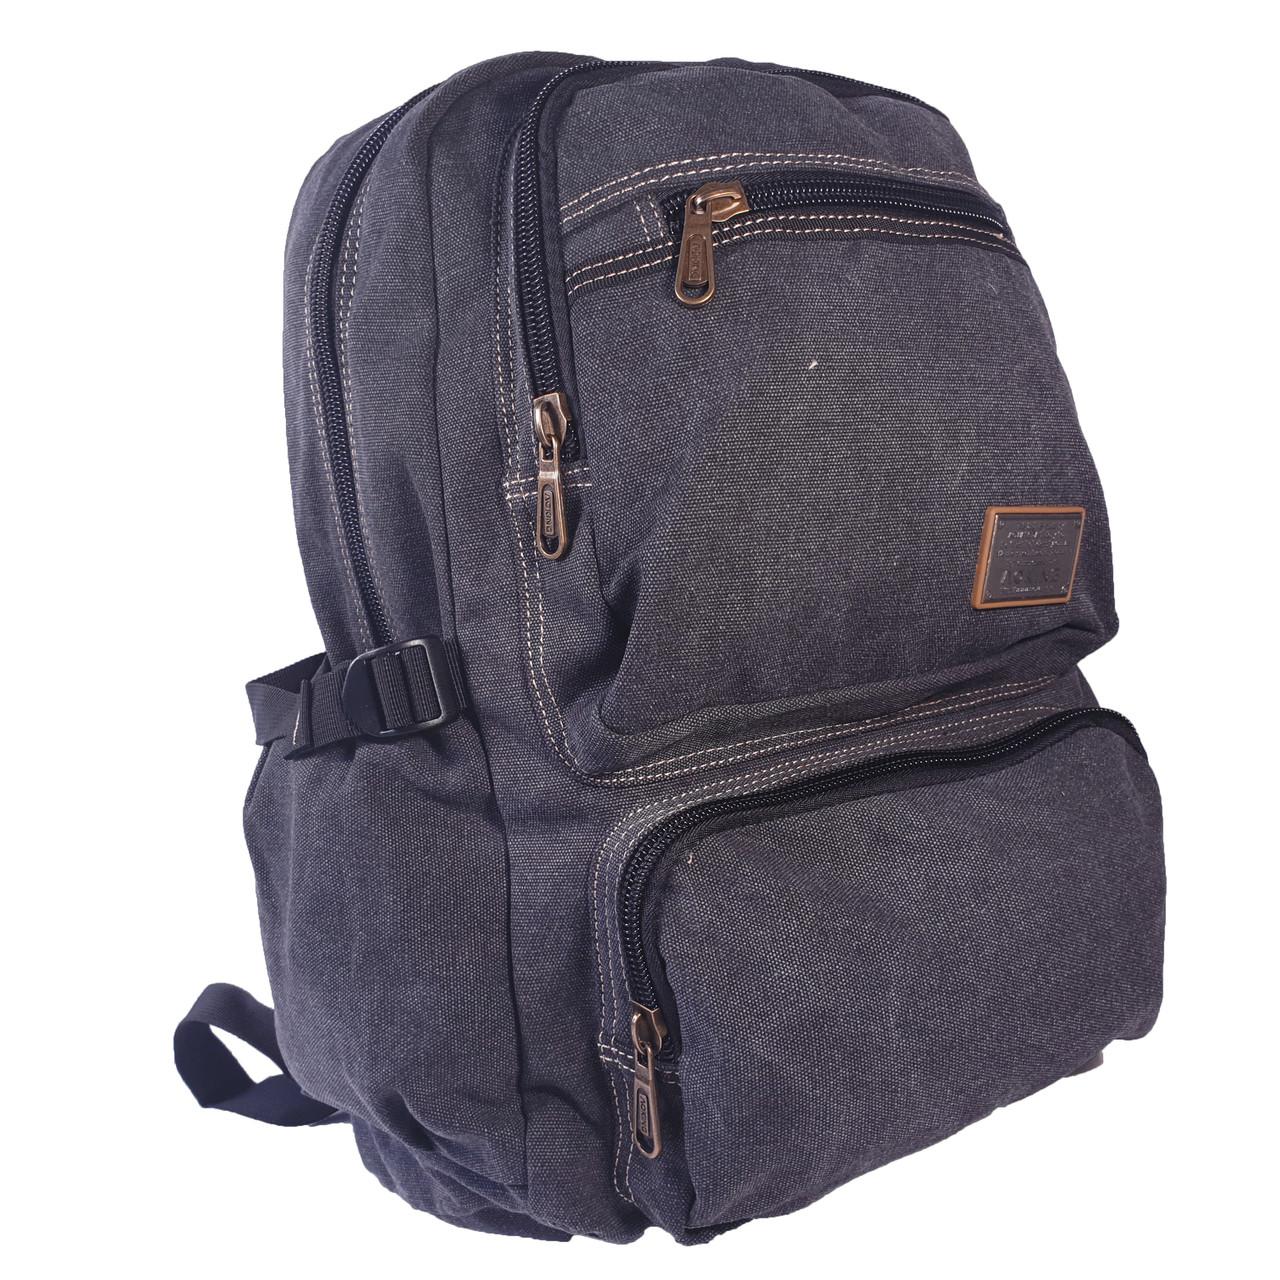 Брезентовый(джинсовый) большой рюкзак Aoking